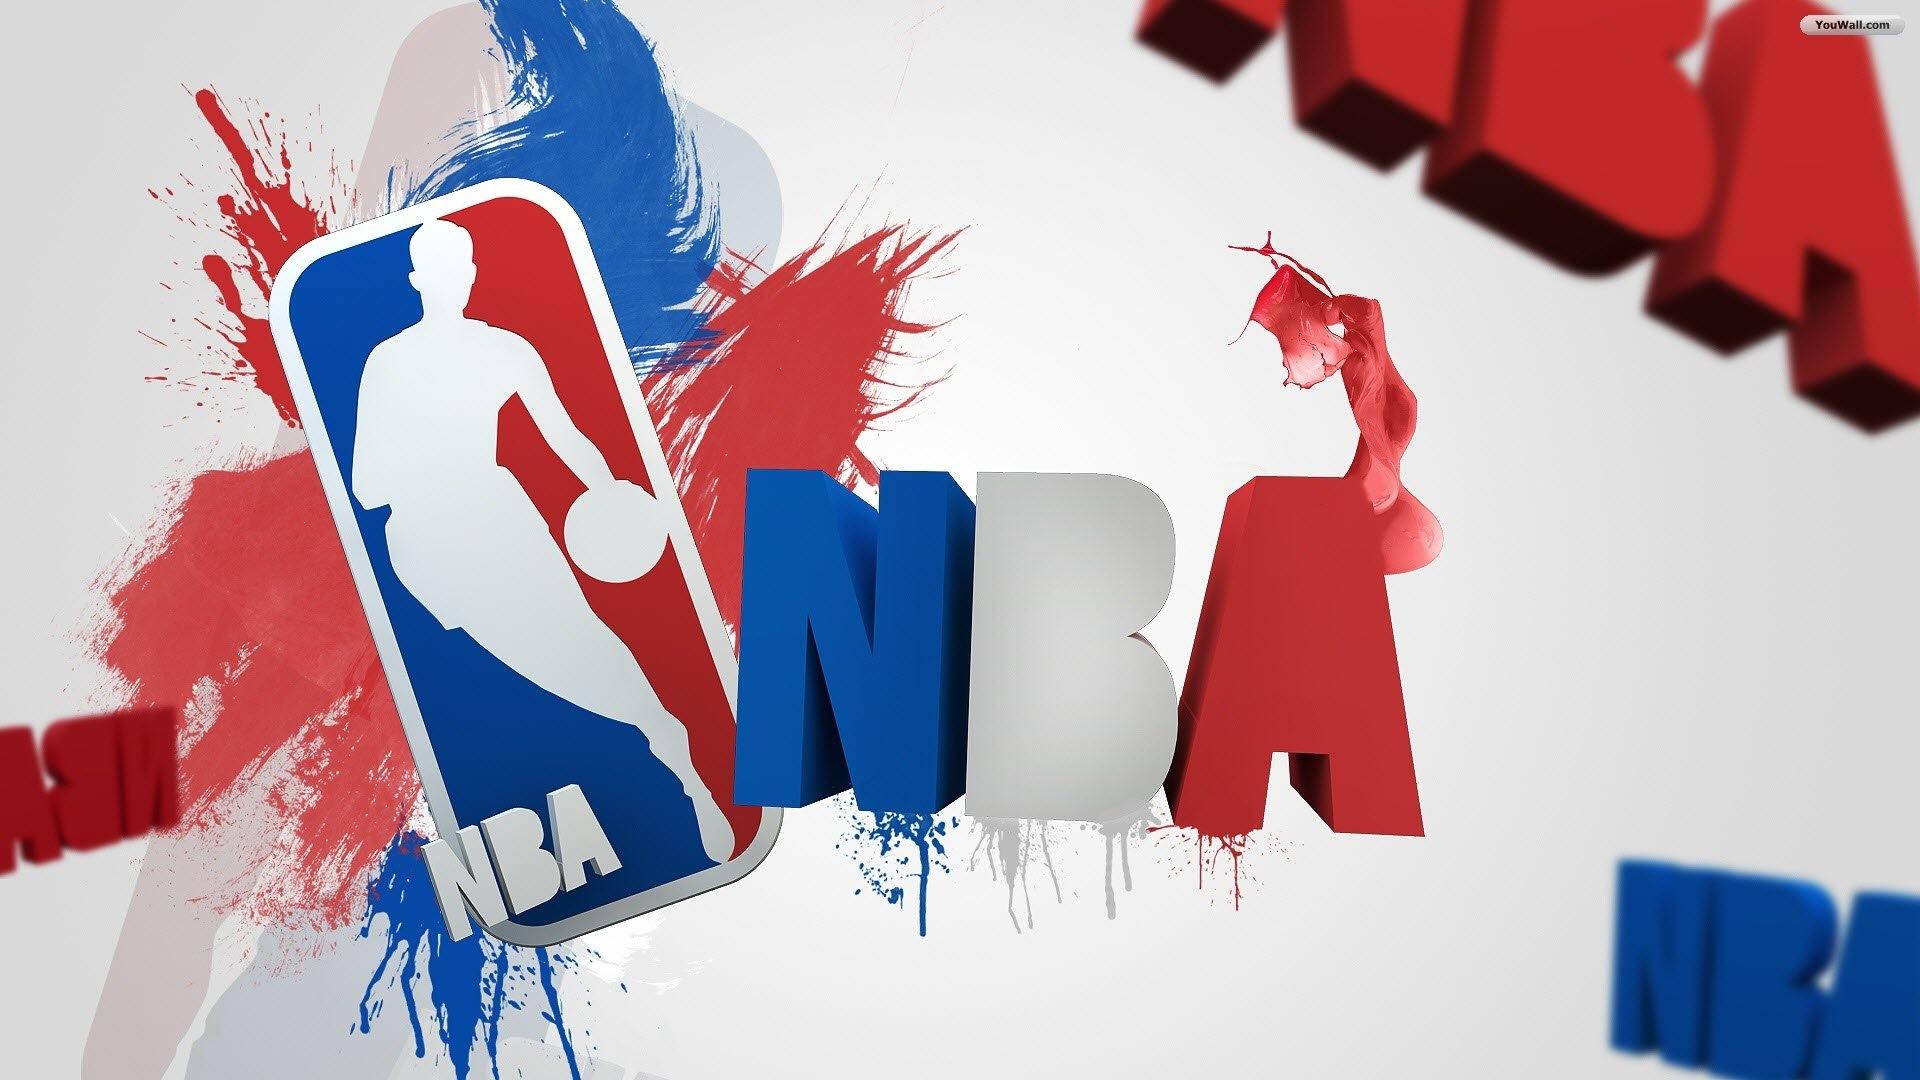 Резултати от мачовете в Националната баскетболна асоциация (НБА) на САЩ